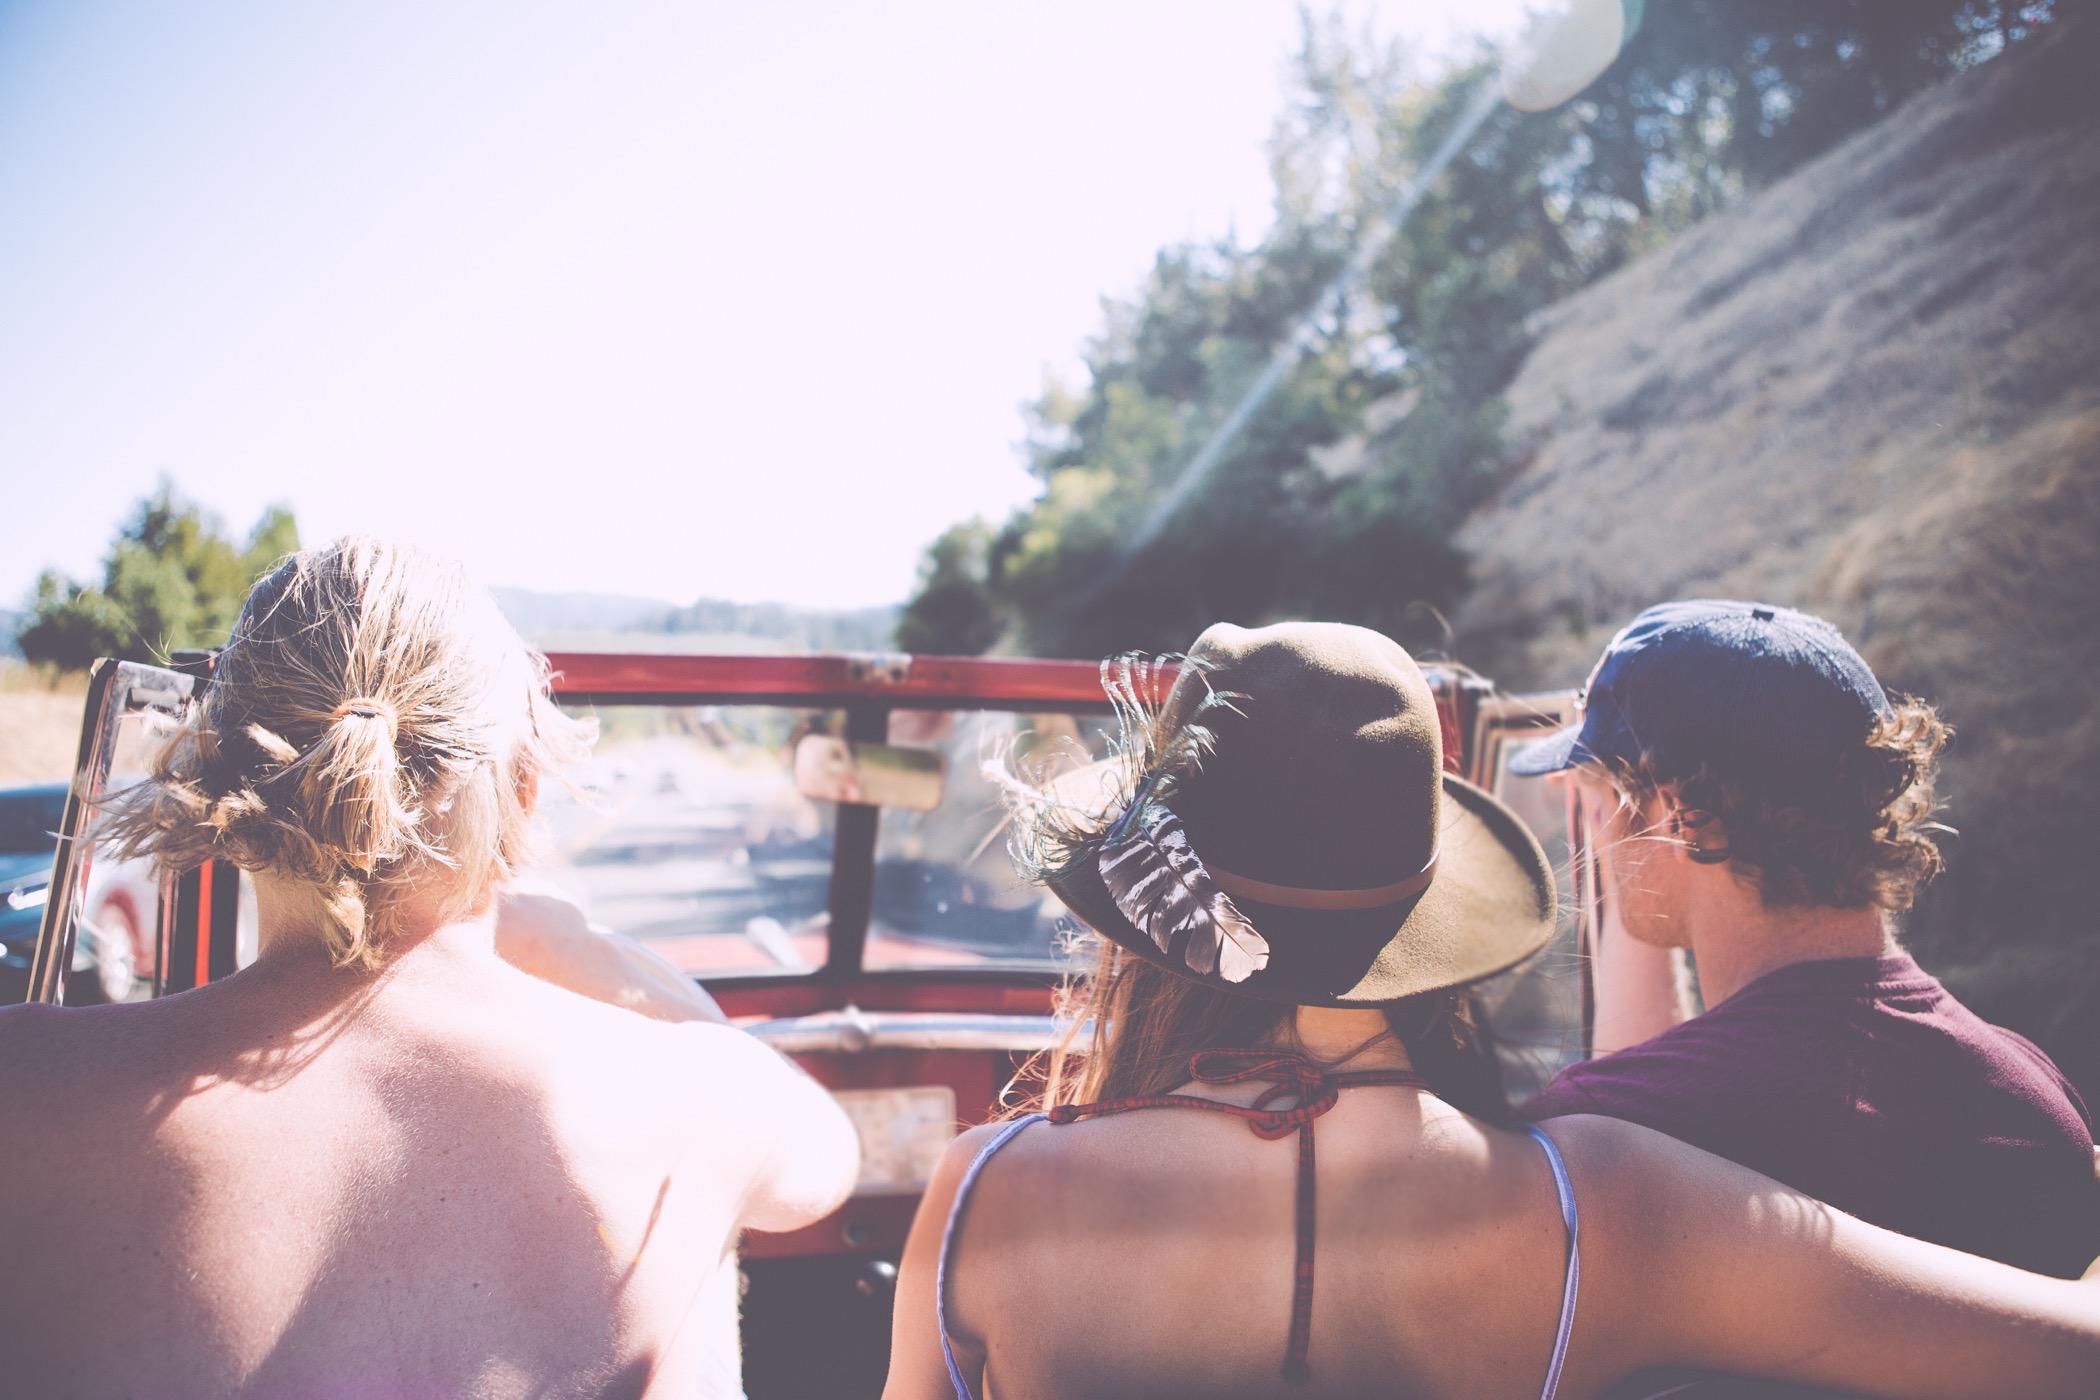 Não-quero-viajar-sozinho-onde-achar-companhia-fazer-amigos Não quero viajar sozinho onde achar companhia? (10 sites!)